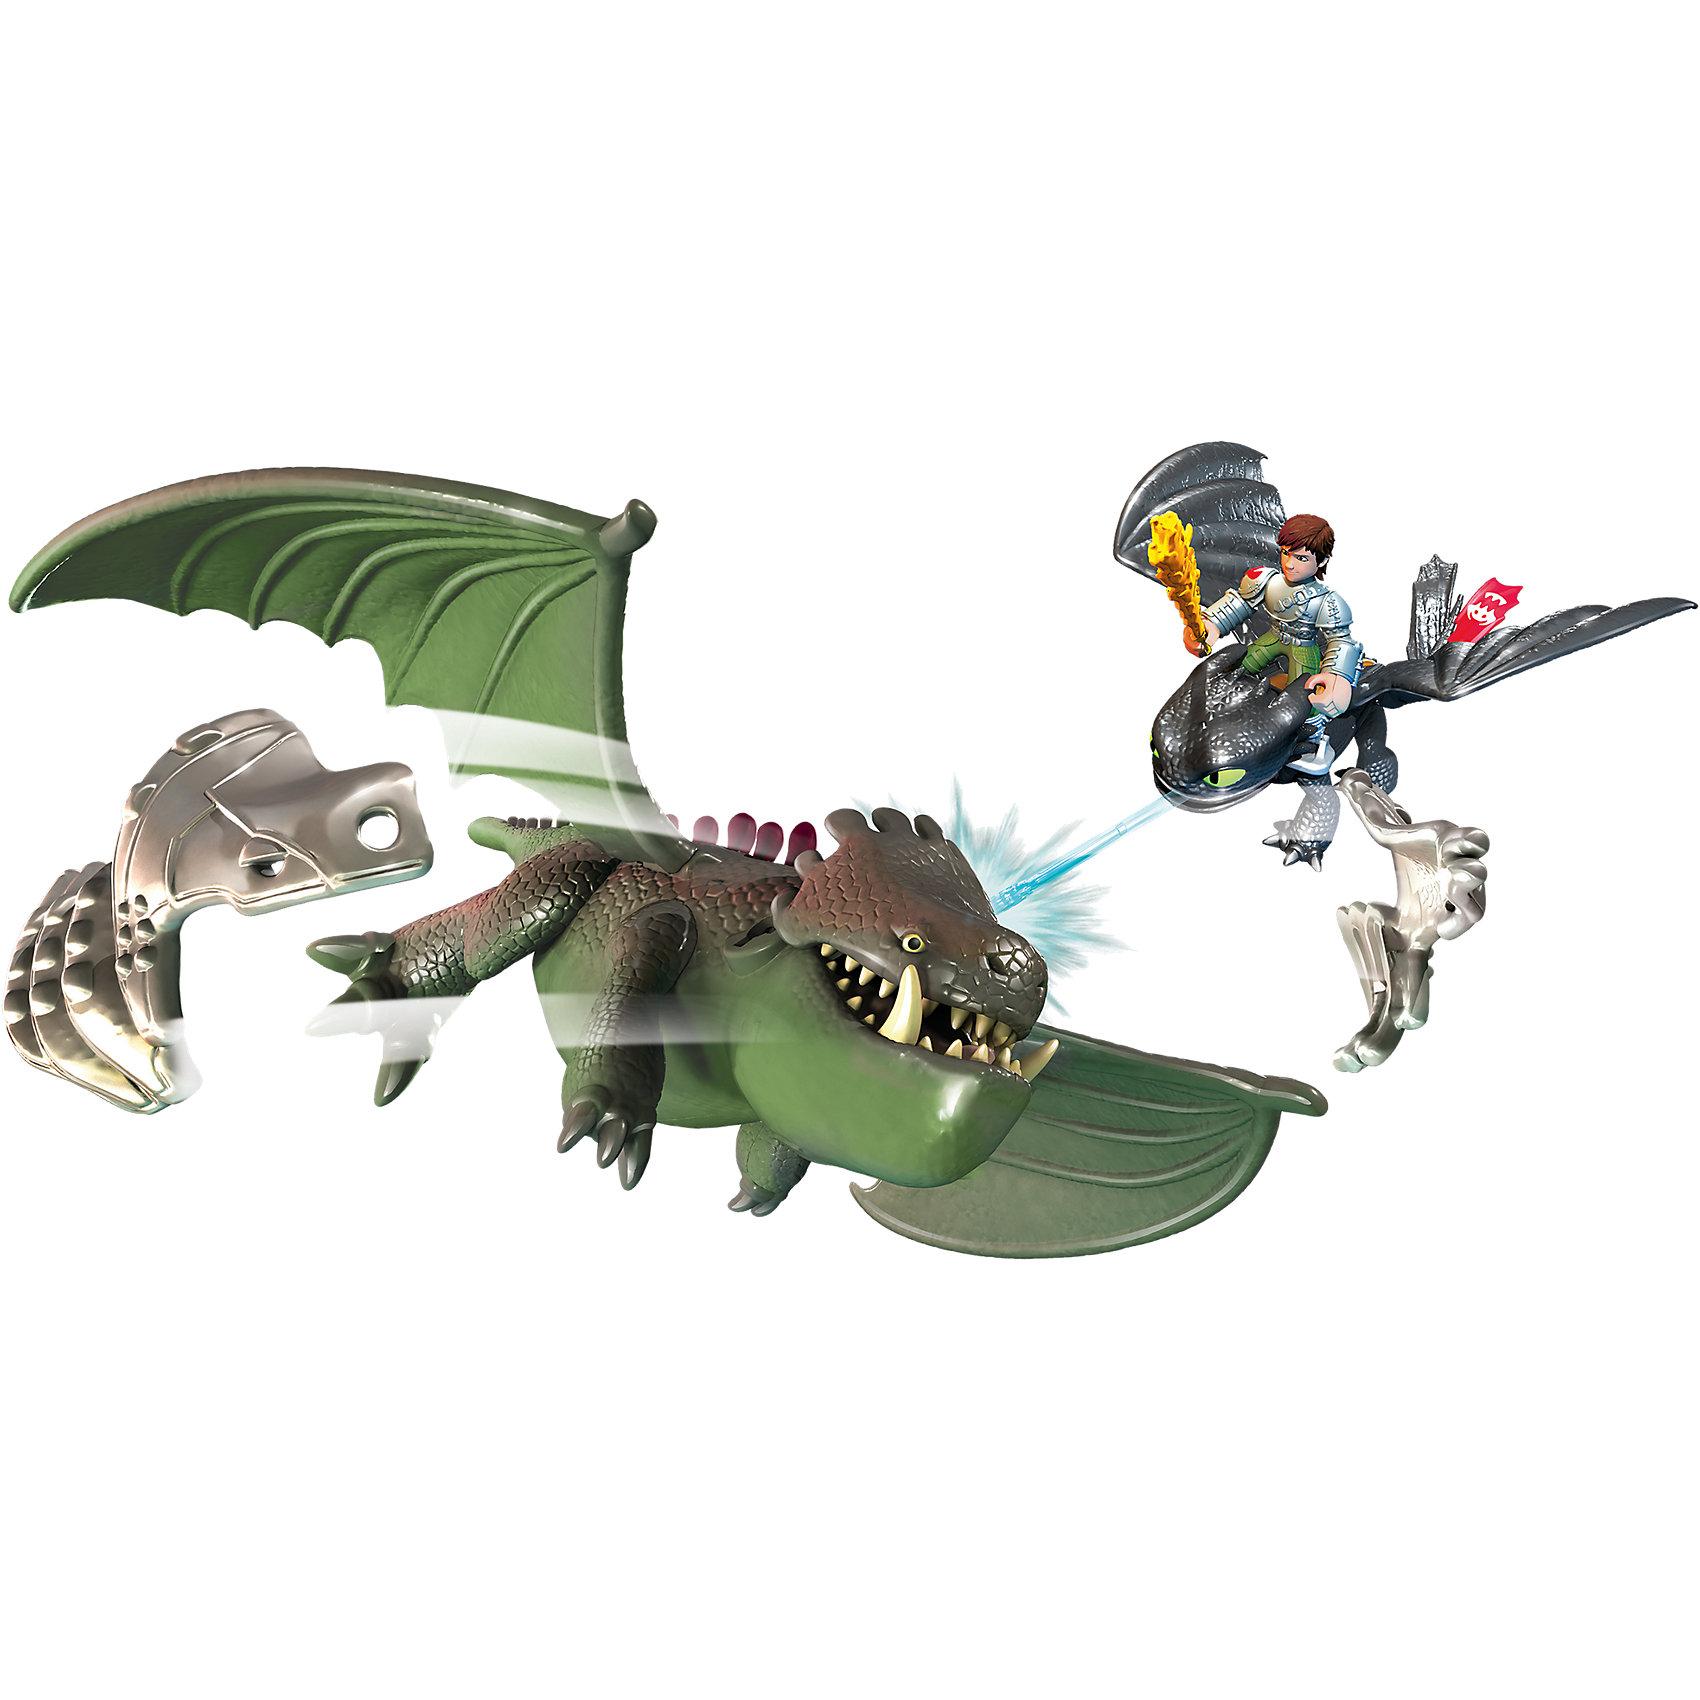 Набор Беззубик и Иккинг против дракона (Как приручить дракона 2), Spin MasterКоллекционные и игровые фигурки<br>В мультфильме «Как приручить дракона 2» Иккинг и Беззубик оказываются в самом центре боя за сохранение мира! С набором Беззубик и Иккинг против дракона (Как приручить дракона 2), Spin Master можно устраивать головокружительные баталии. Герои должны сразиться с сильным драконом, закованным в броню. Это не просто, помоги своим любимцам одержать верх! Элементы брони дракона снимаются. Фигурку Иккинга можно посадить на спину Беззубику и устраивать воздушные бои. В руке у викинга Огненный меч, который Иккинг сделал сам, он поможет ему одолеть дракона. Беззубик стреляет ледяным зарядом!<br><br>Дополнительная информация:<br><br>- Прекрасный набор для активной ролевой игры;<br>- Безопасные материалы;<br>- Множество возможностей для игр;<br>- Набор сделан по мотивам любимого мультфильма Как приручить дракона 2;<br>- Материал: пластик.<br><br>Набор Беззубик и Иккинг против дракона (Как приручить дракона 2), Spin Master можно купить в нашем интернет-магазине.<br><br>Ширина мм: 388<br>Глубина мм: 218<br>Высота мм: 124<br>Вес г: 388<br>Возраст от месяцев: 36<br>Возраст до месяцев: 96<br>Пол: Мужской<br>Возраст: Детский<br>SKU: 3894435